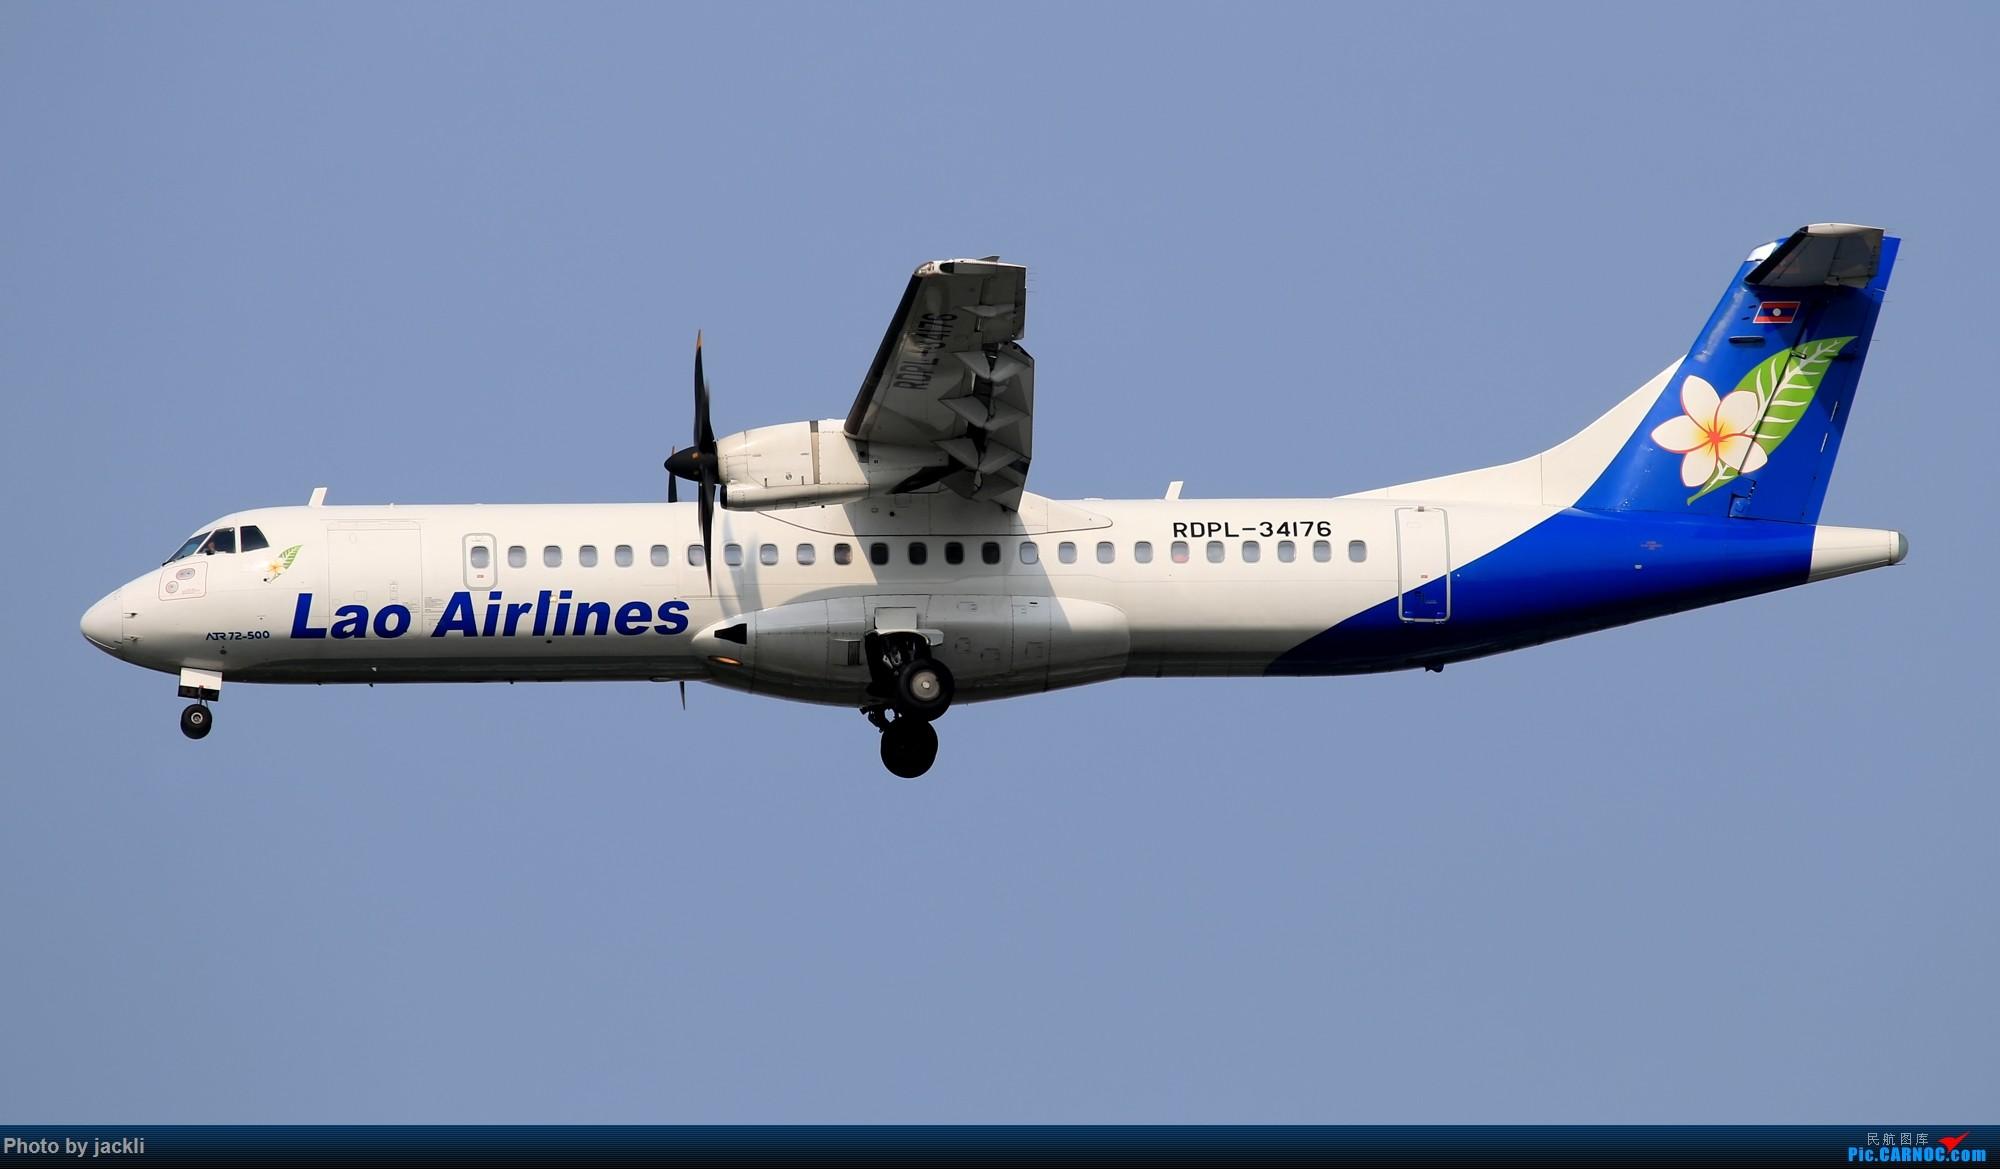 Re:[原创]【JackLi】泰国曼谷素万那普机场拍机~ ATR-72 RDPL-34176 泰国曼谷素万那普国际机场